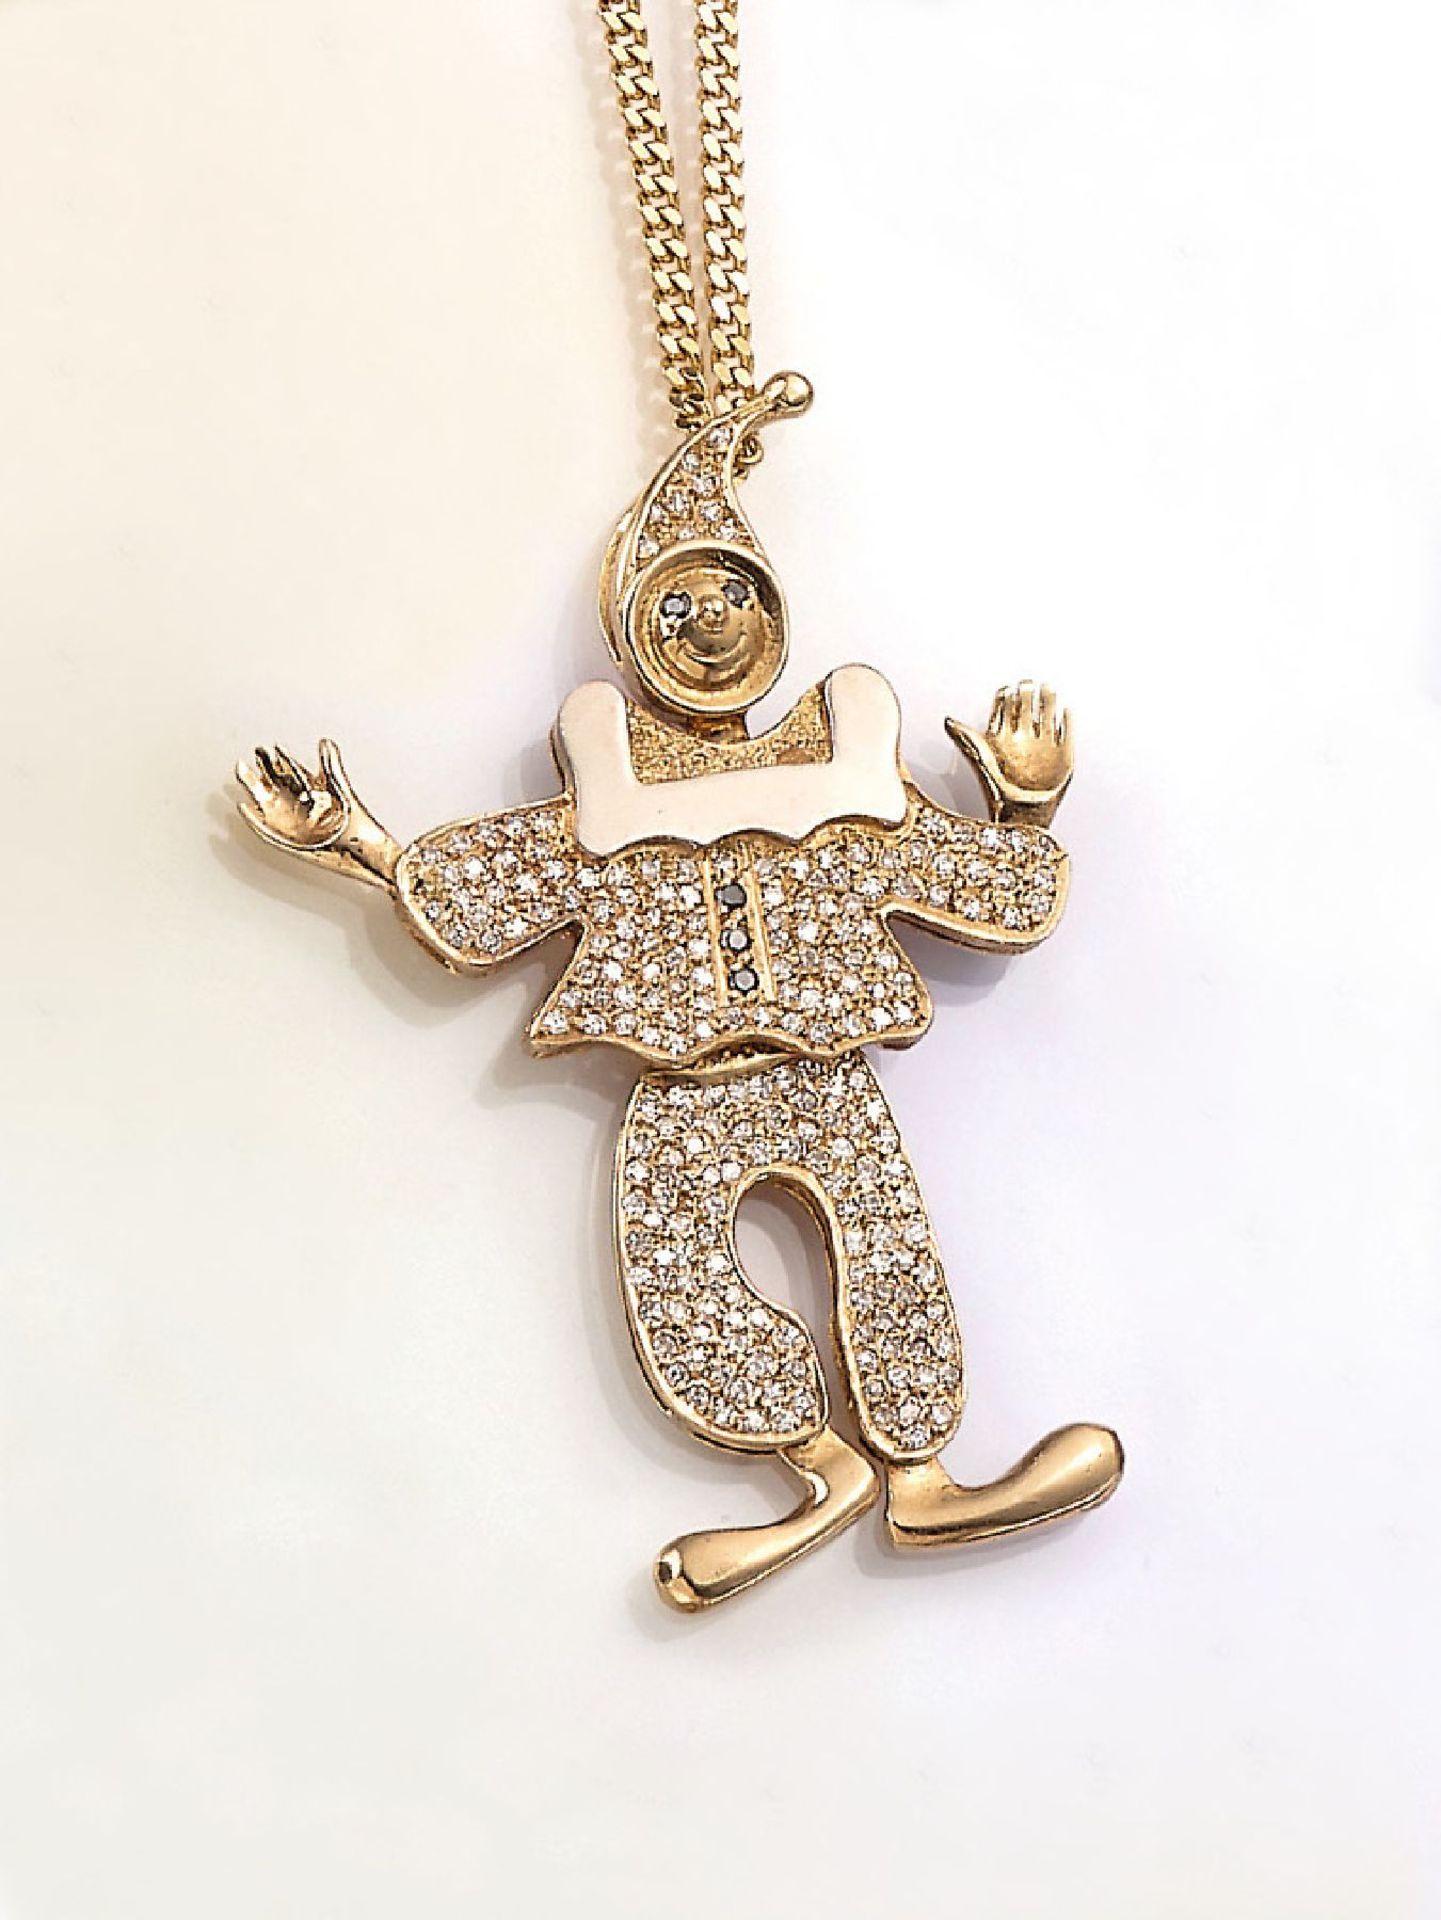 """Los 31535 - 14 kt Gold Anhänger """"Clown"""" mit Diamanten, GG 585/000, ca. 197 weißen und 8/8-Diamanten und 3 grünen"""